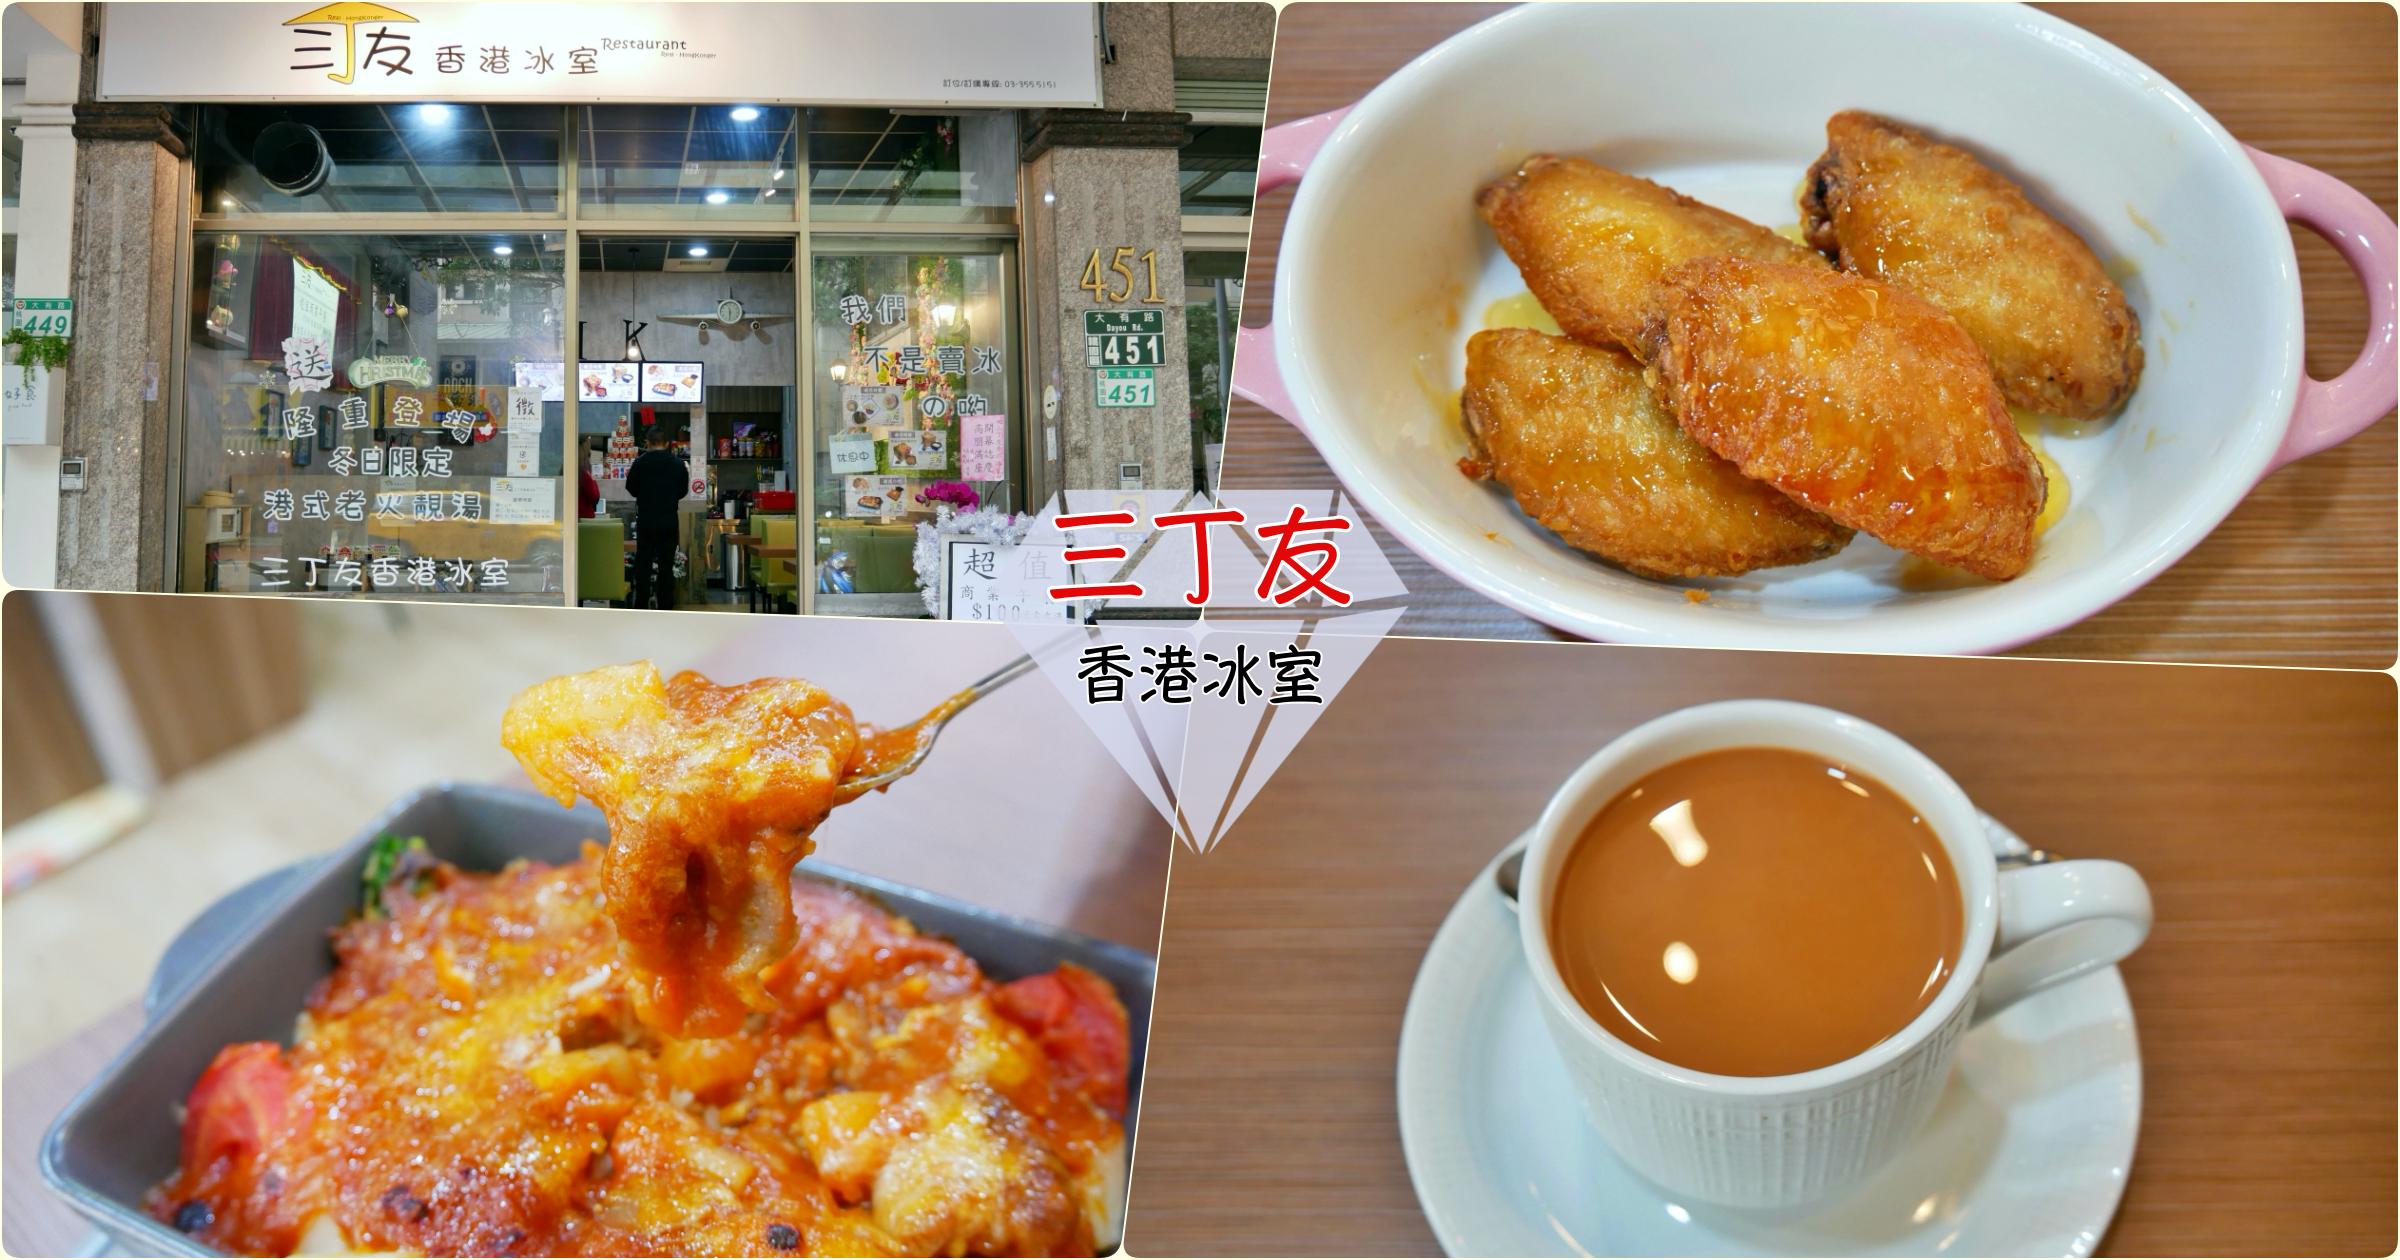 最新推播訊息:[桃園美食]◎寶山大有商圈◎三丁友香港冰室~來自香港的三位年輕人所創立的港式餐點